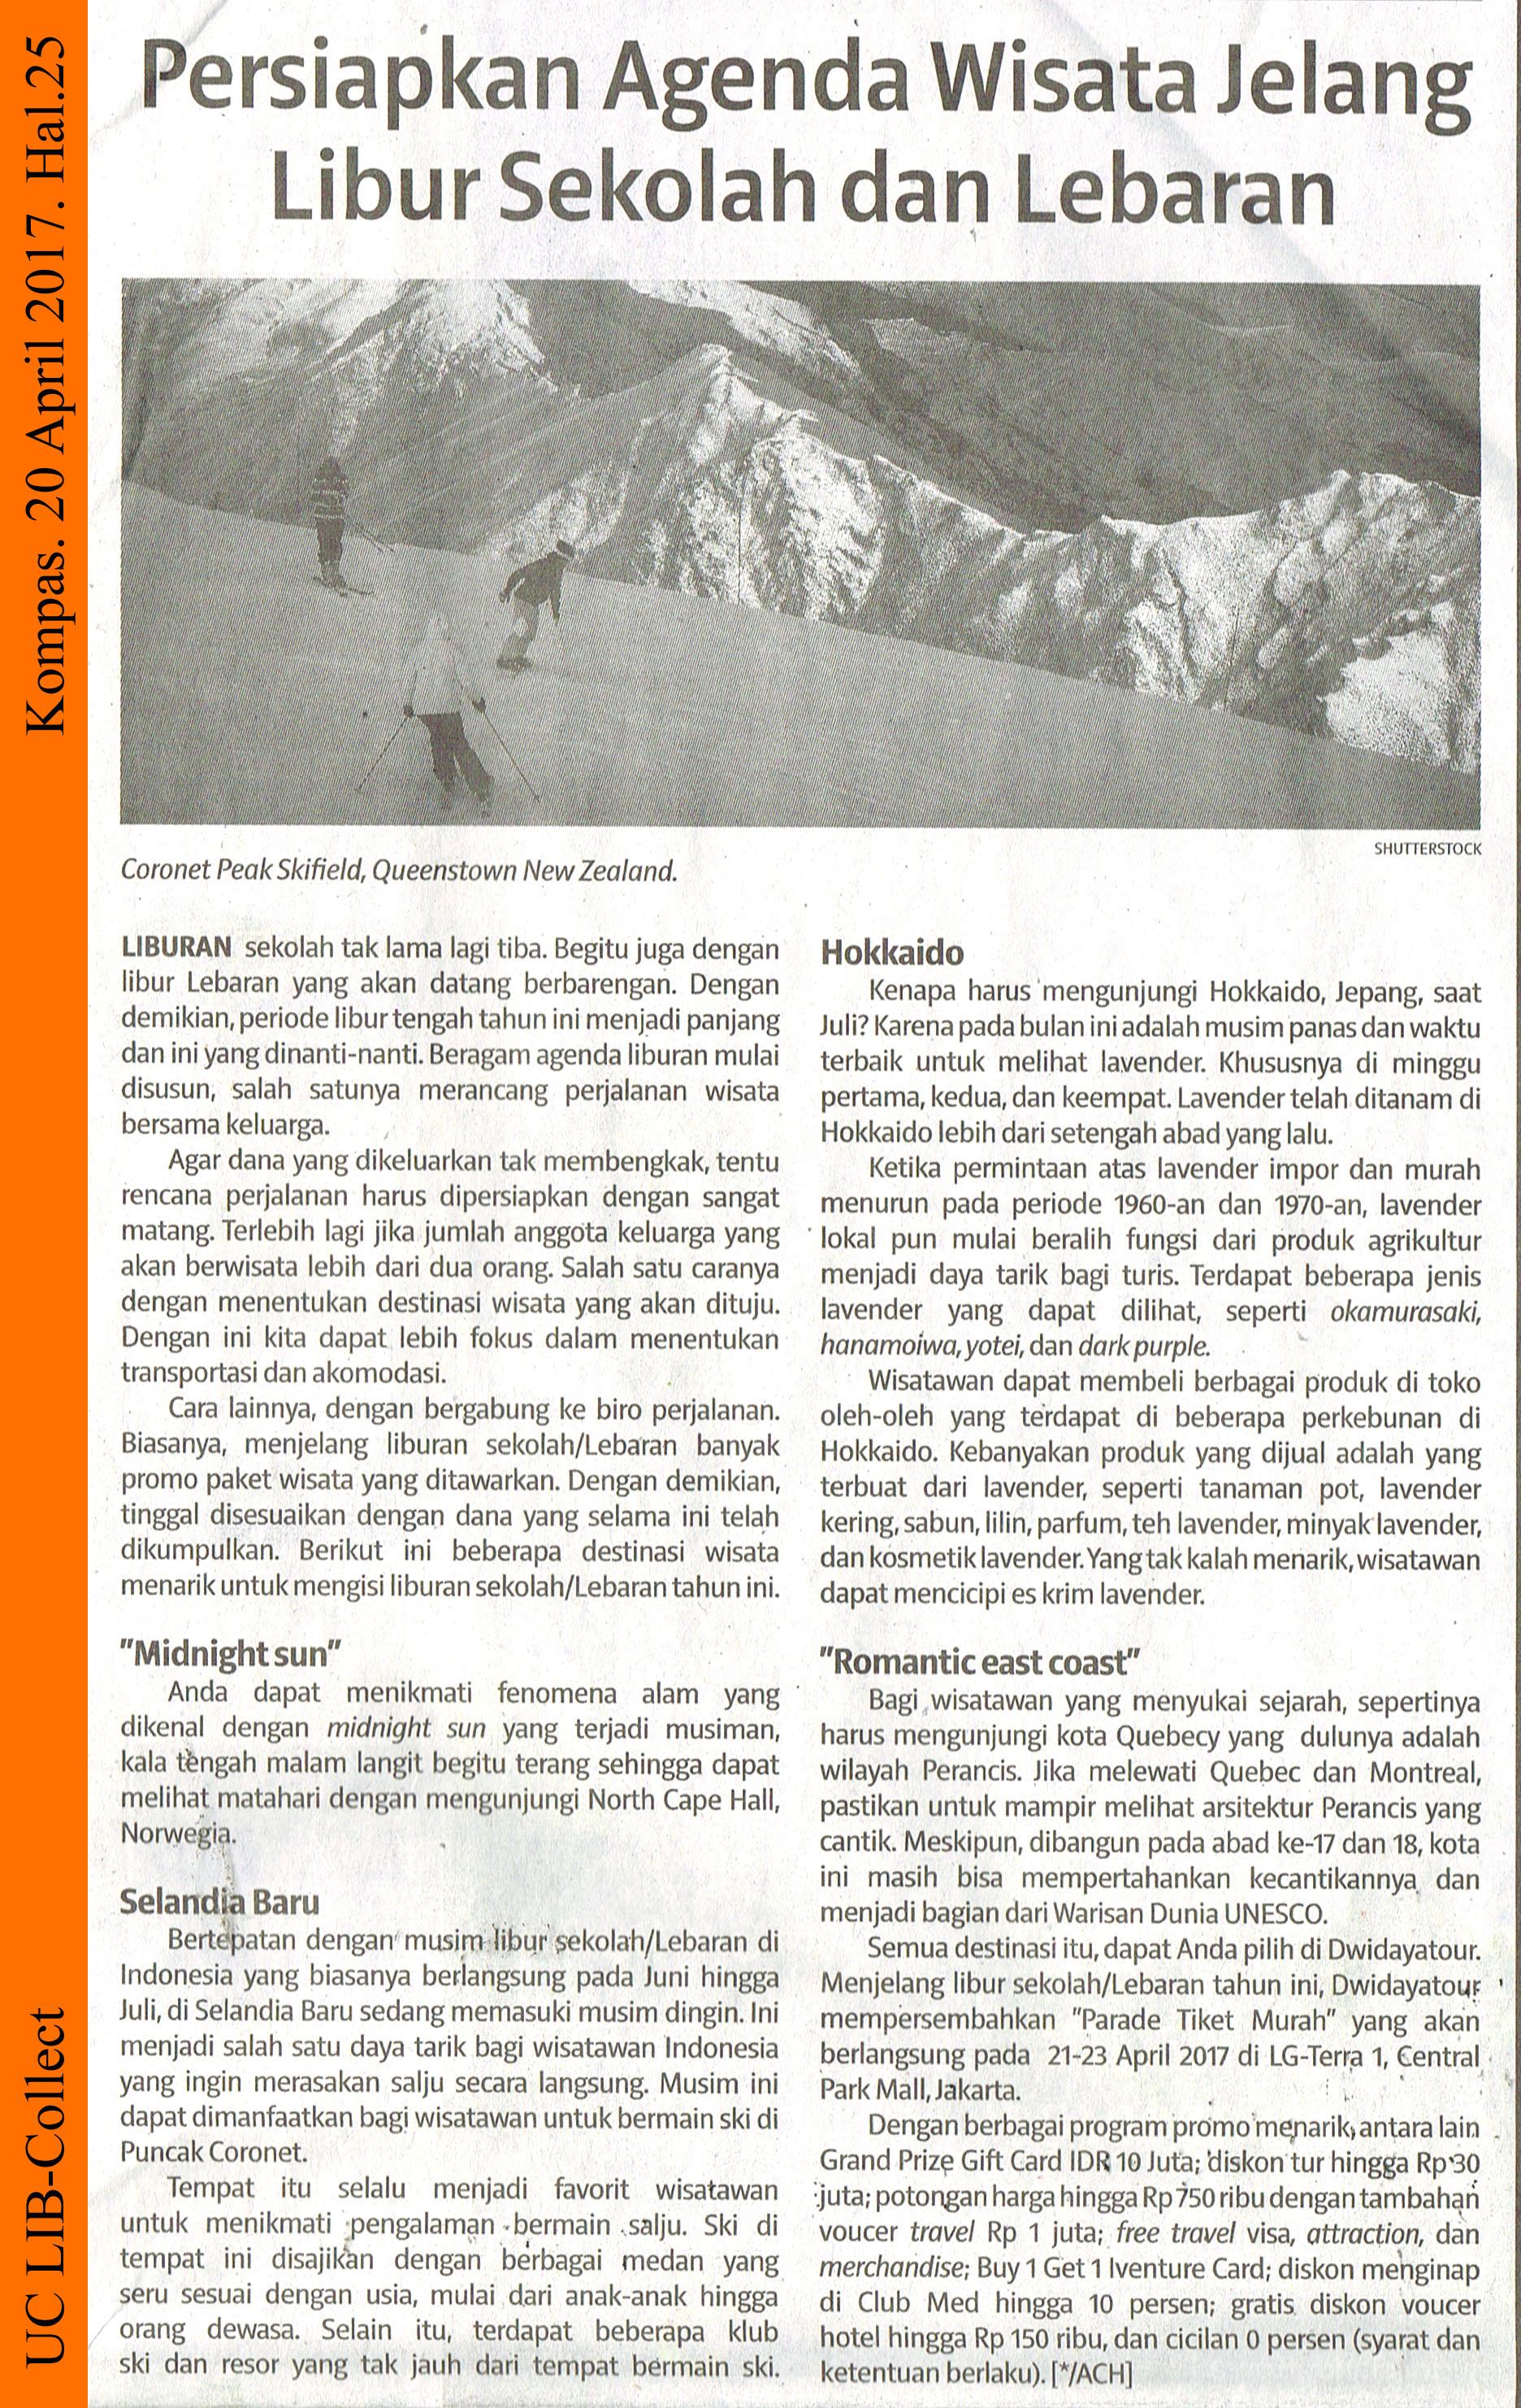 Persiapkan Agenda Wisata Jelang Libur Sekolah dan Lebaran. Kompas. 20 April 2017. Hal.25